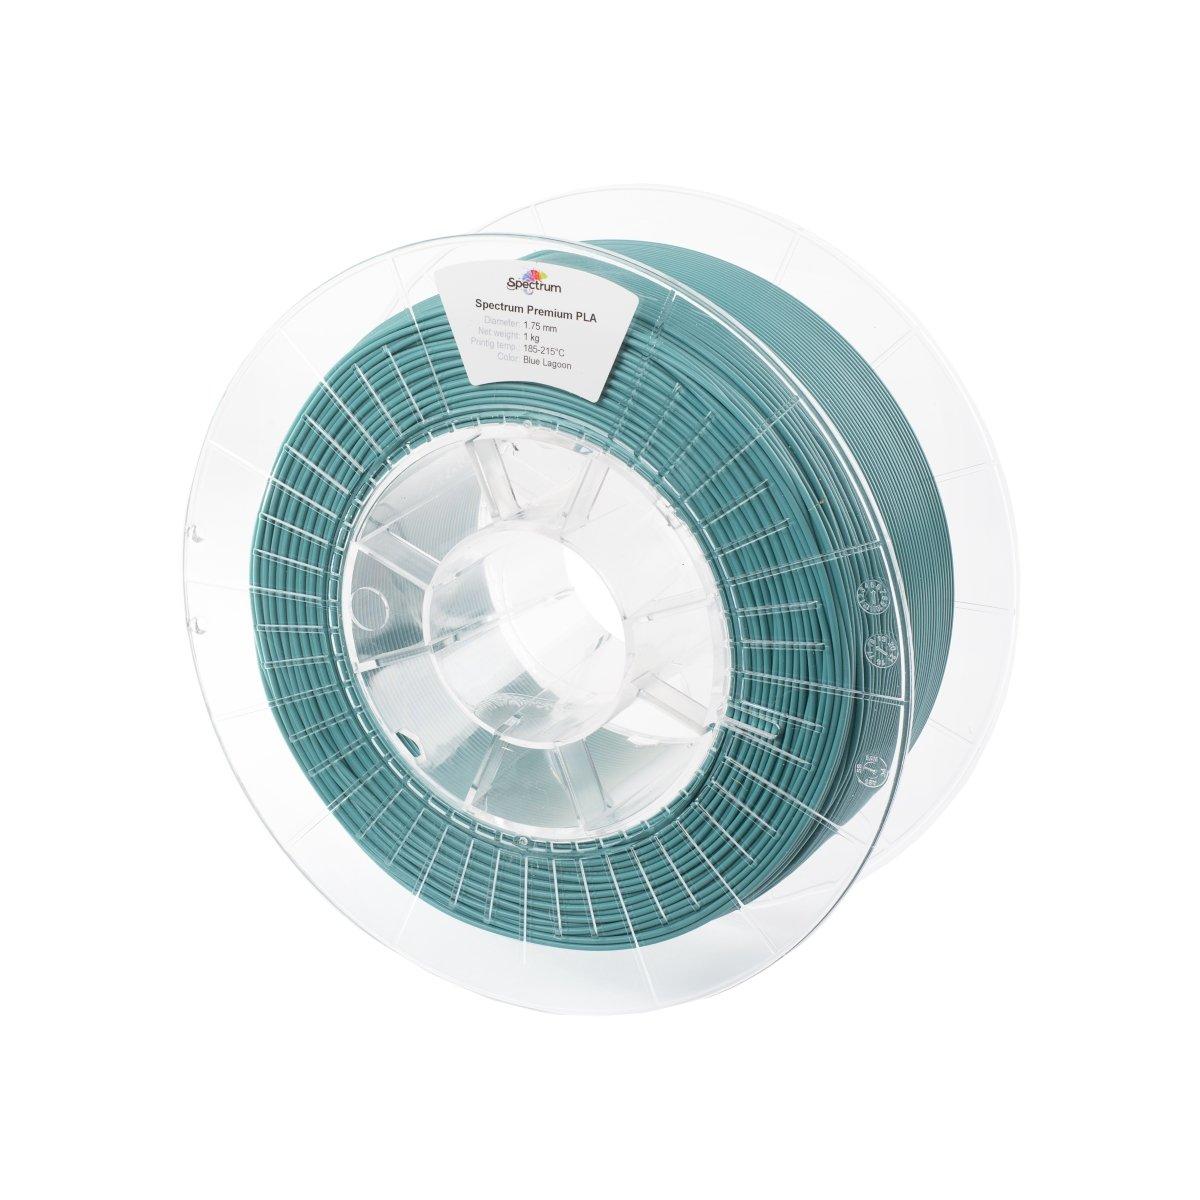 Billede af Spectrum Filaments - PLA - 1.75mm - Blue Lagoon - 1 kg